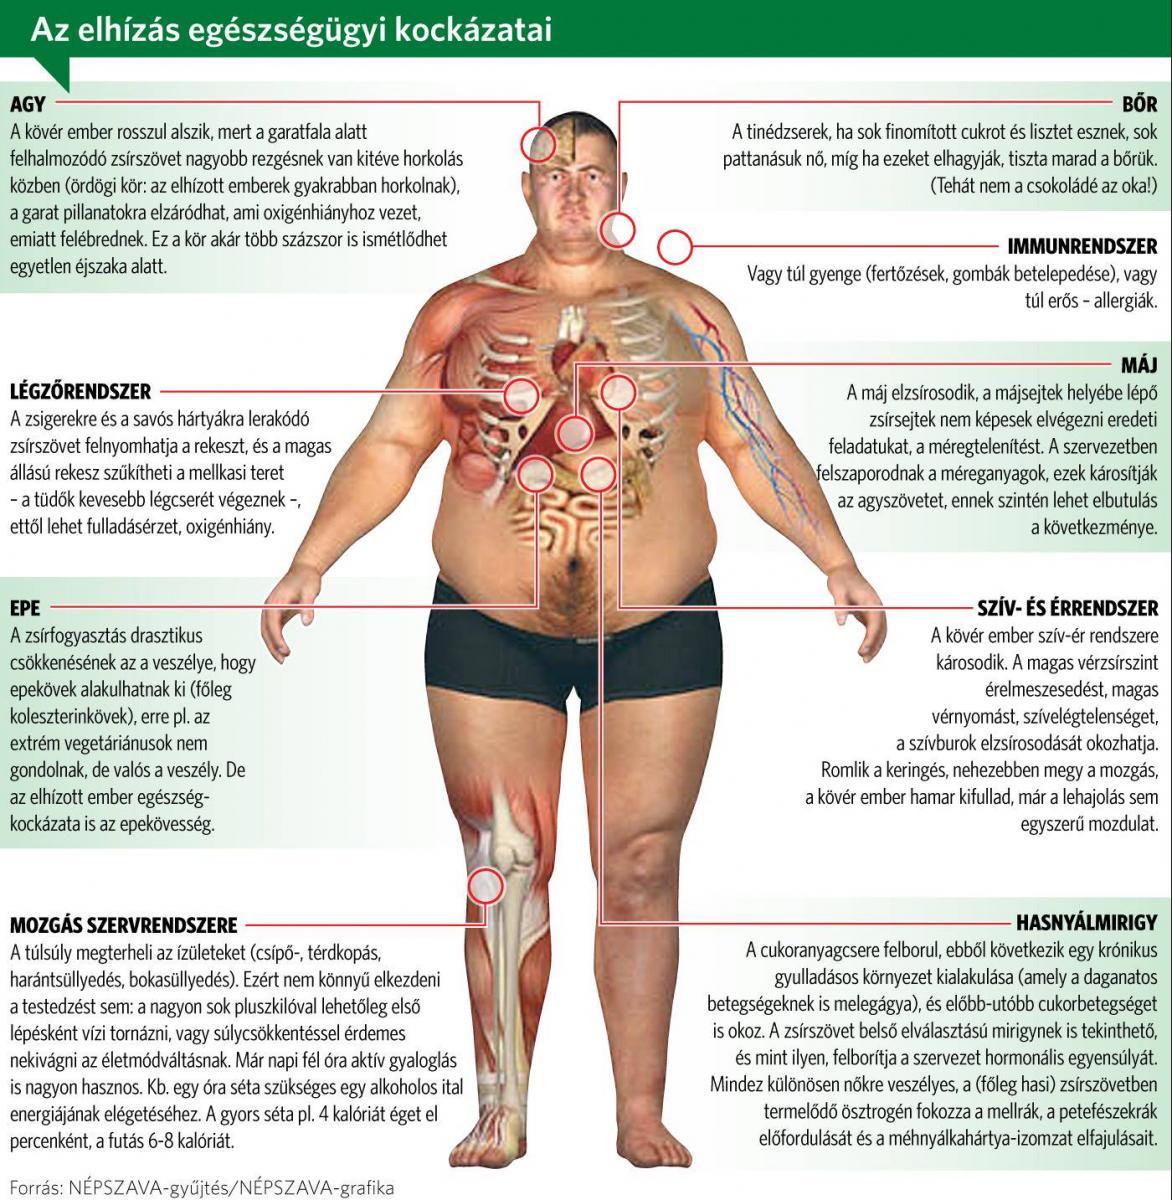 a hipertónia nem elég Hogyan kezelik a magas vérnyomást az USA-ban